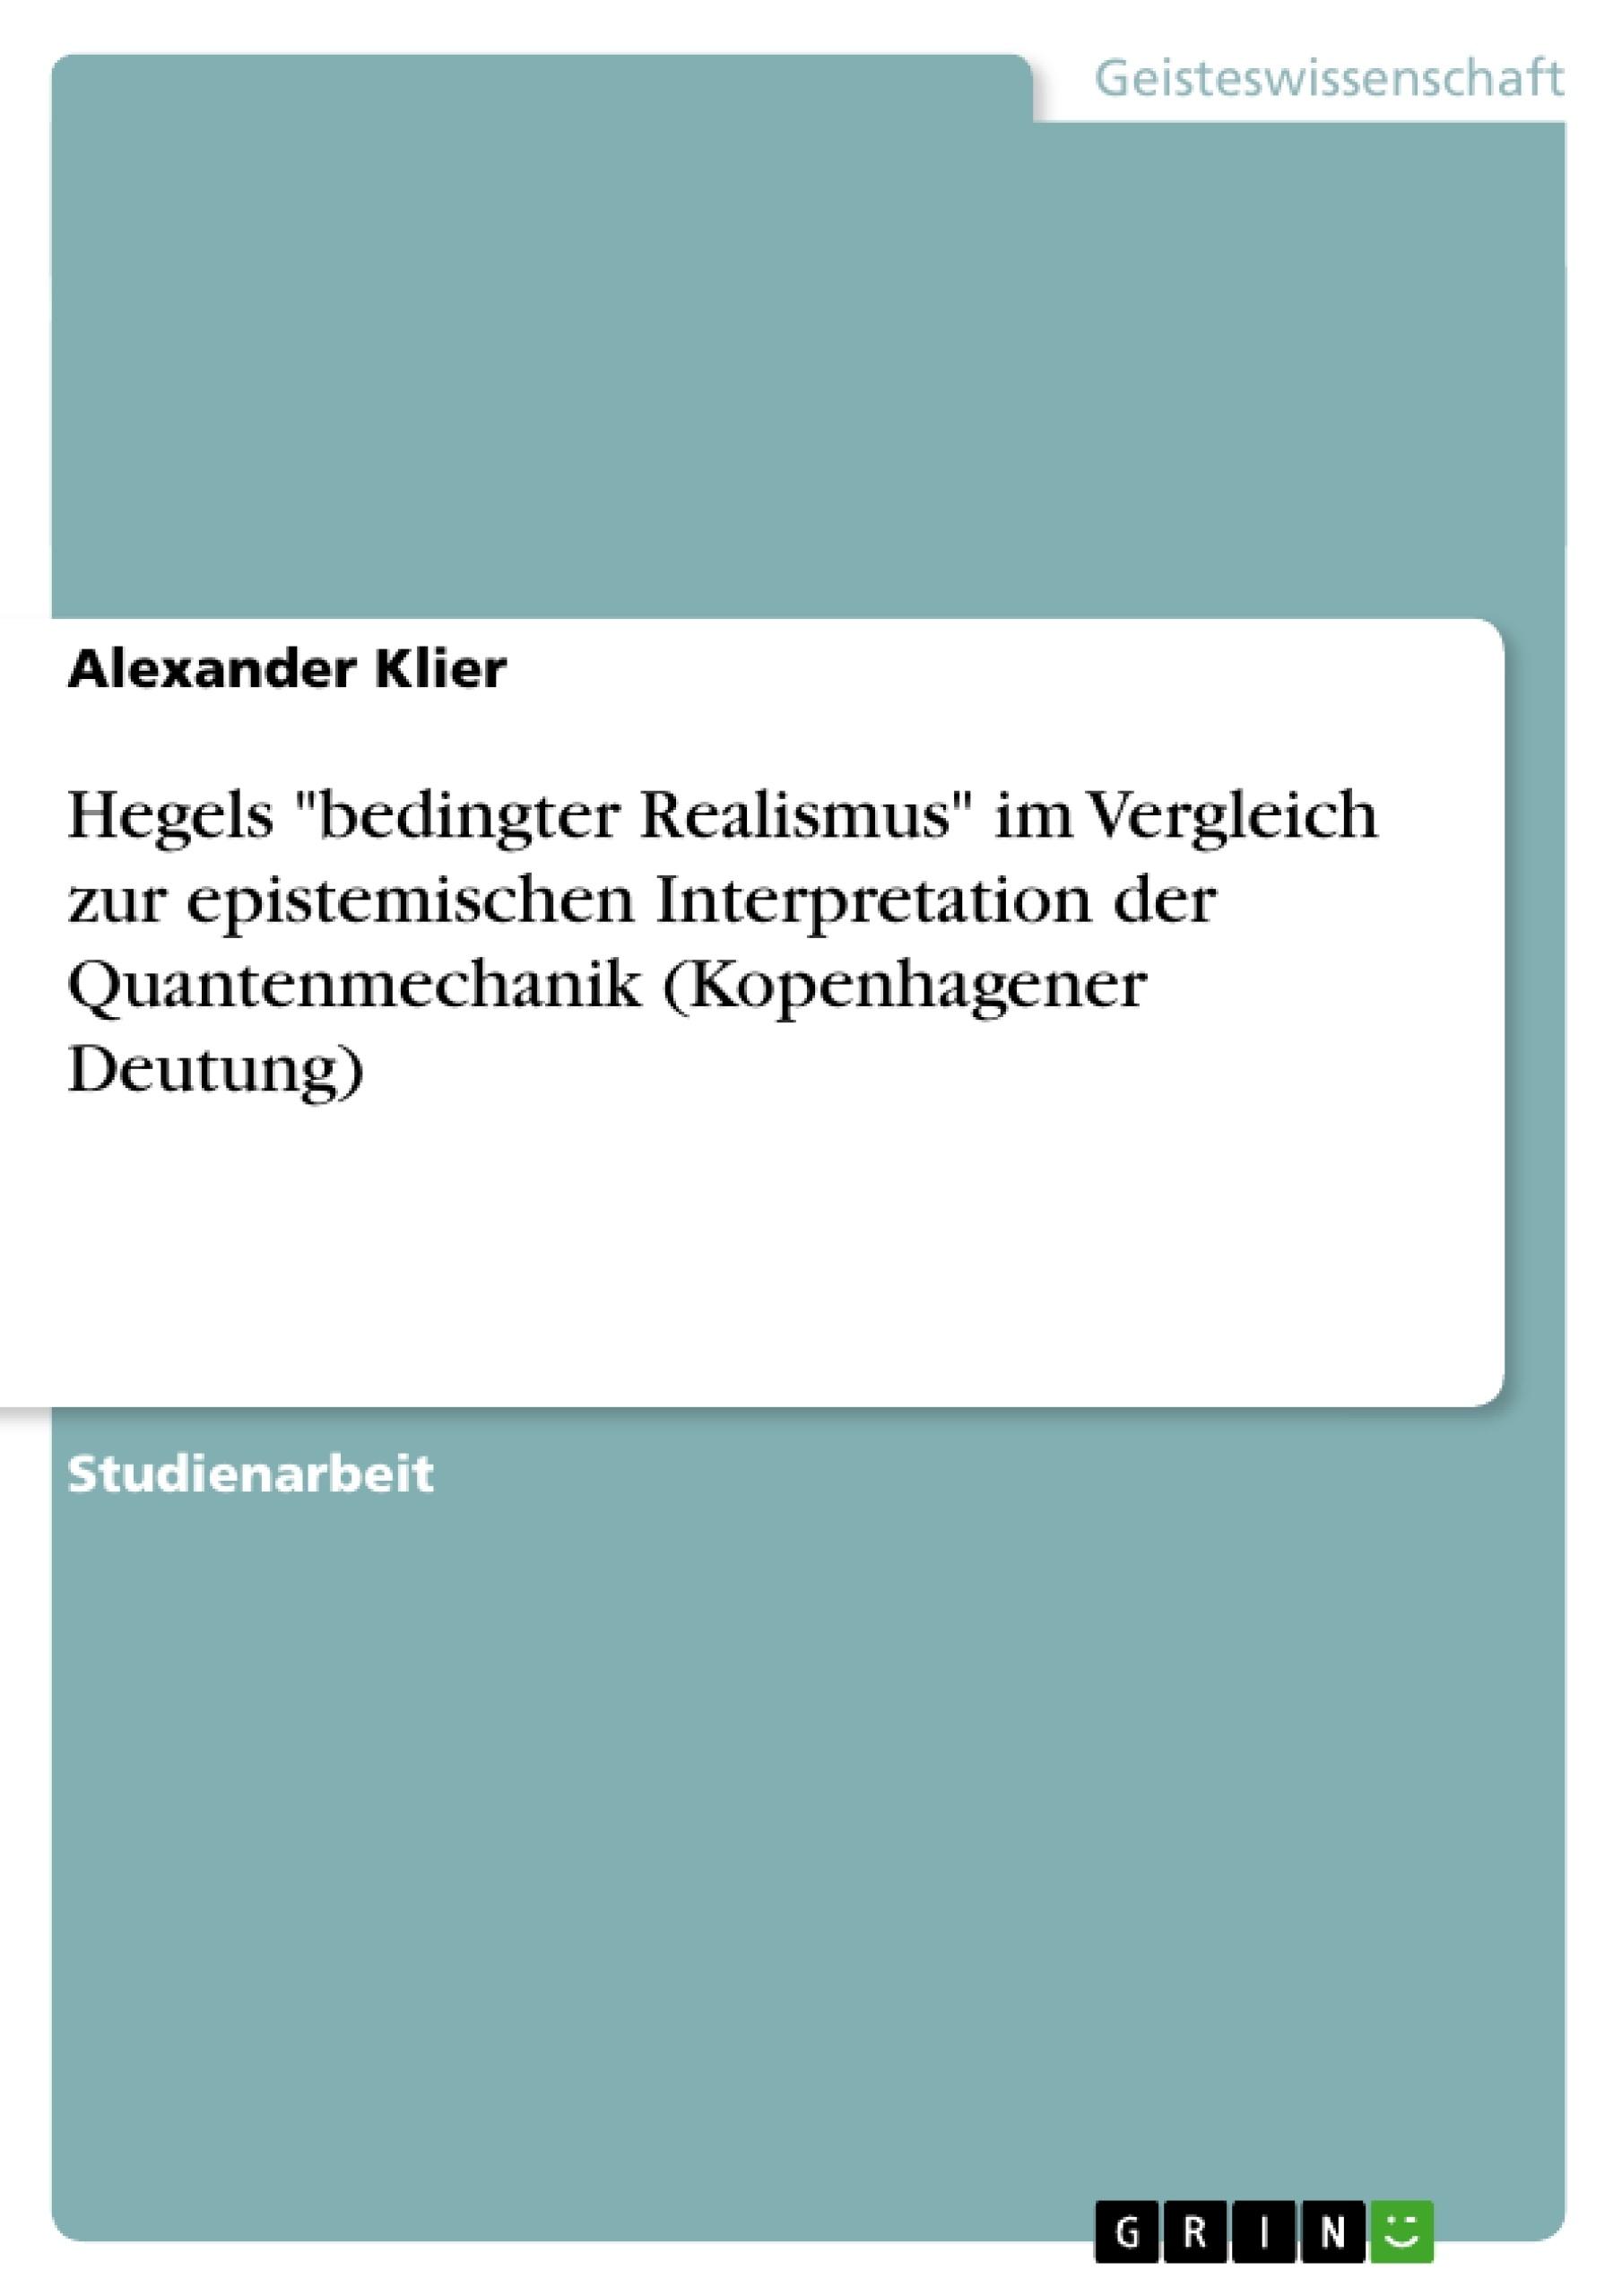 """Titel: Hegels """"bedingter Realismus"""" im Vergleich zur epistemischen Interpretation der Quantenmechanik (Kopenhagener Deutung)"""